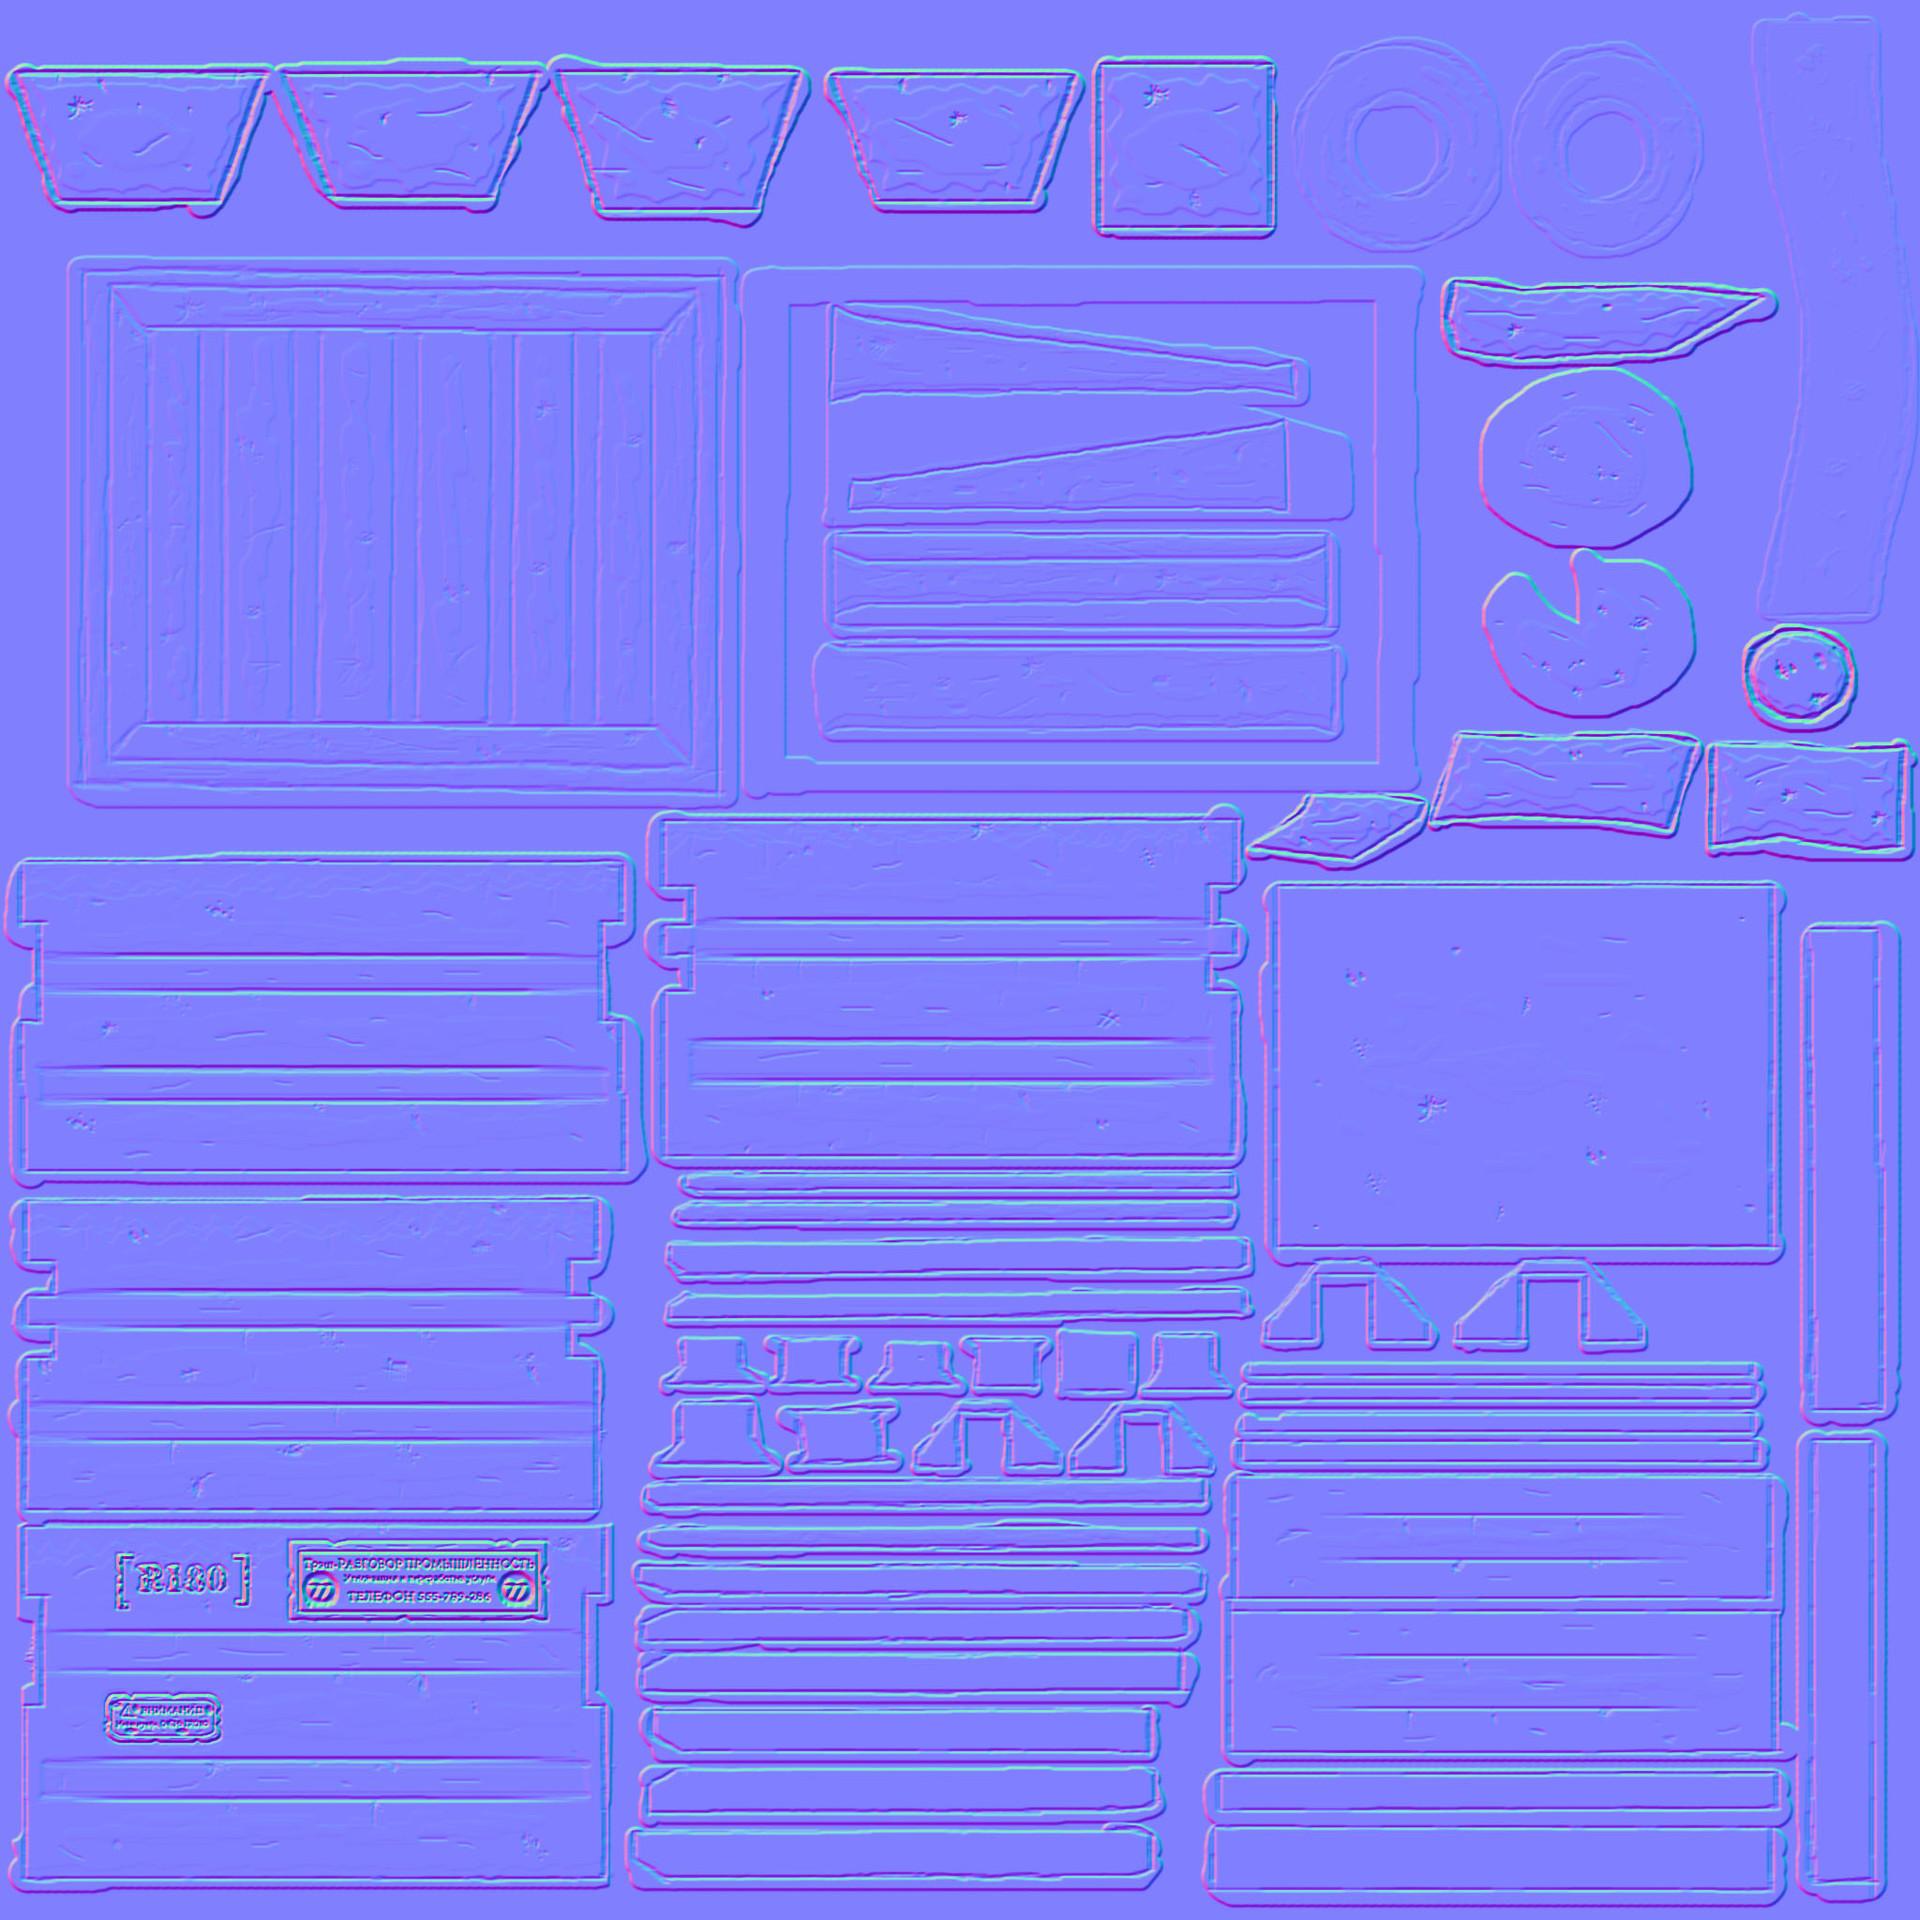 James skinner dumpster normalmap